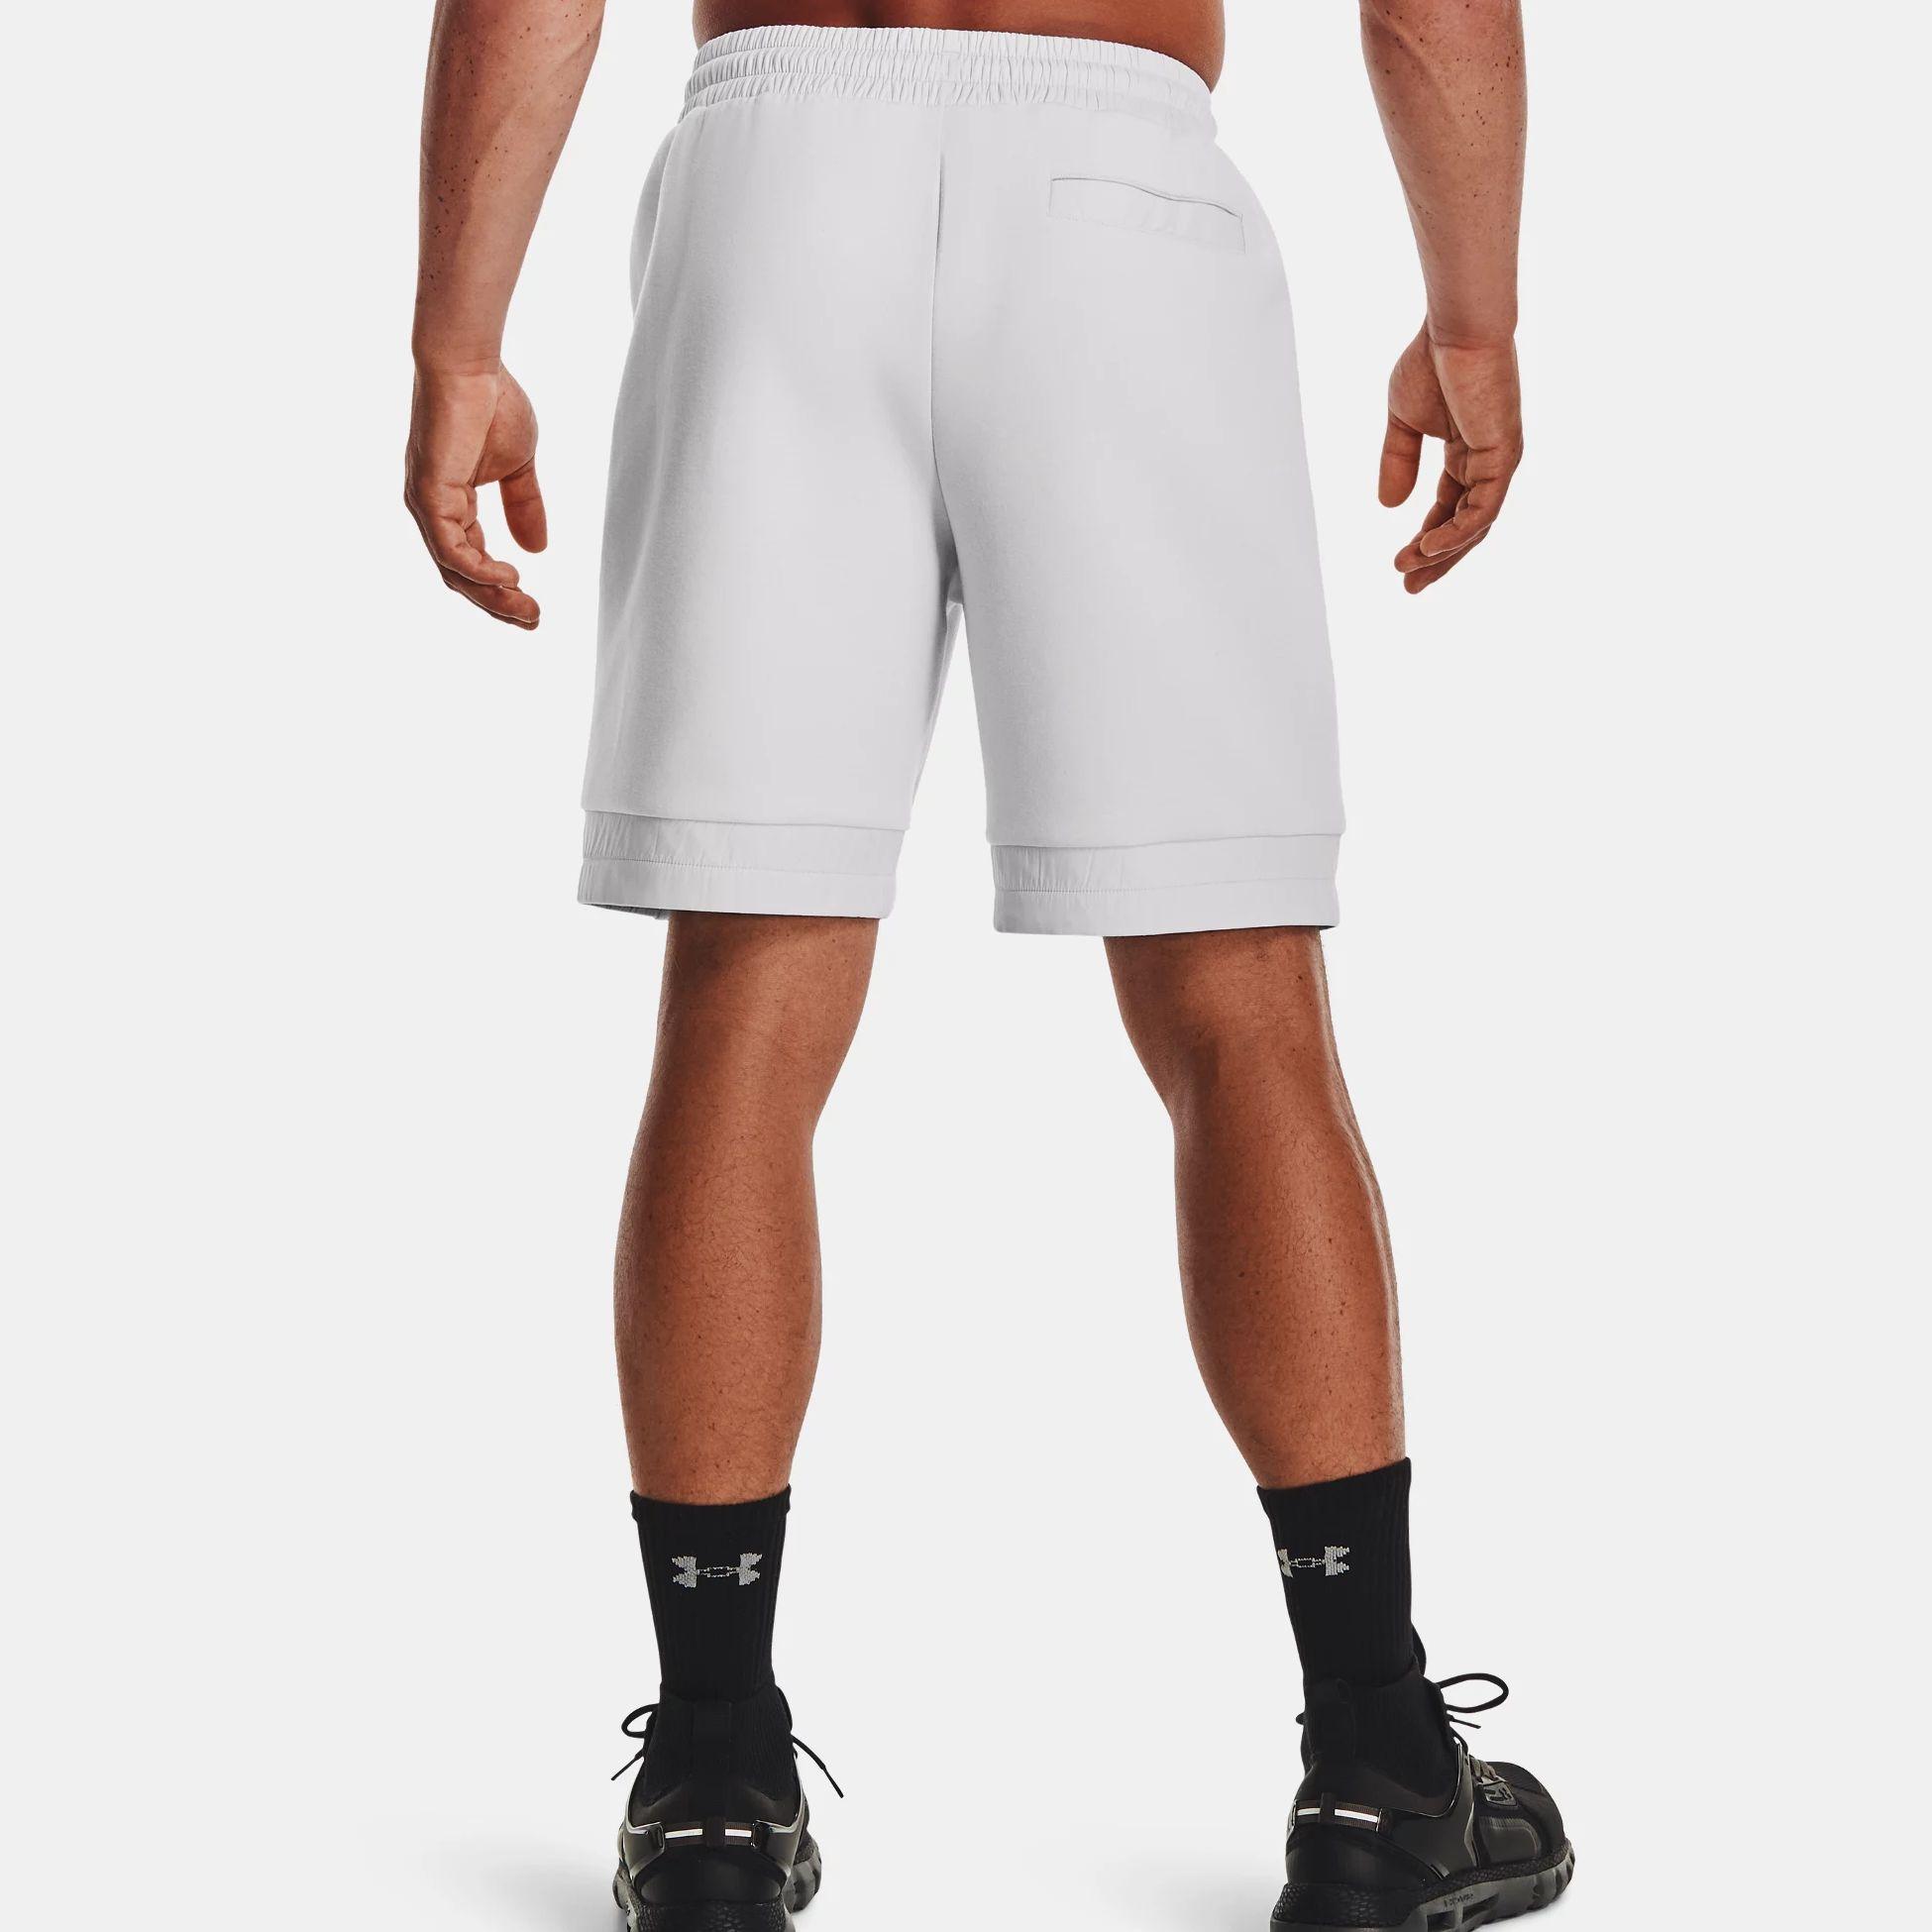 Clothing -  under armour UA Summit Knit Shorts